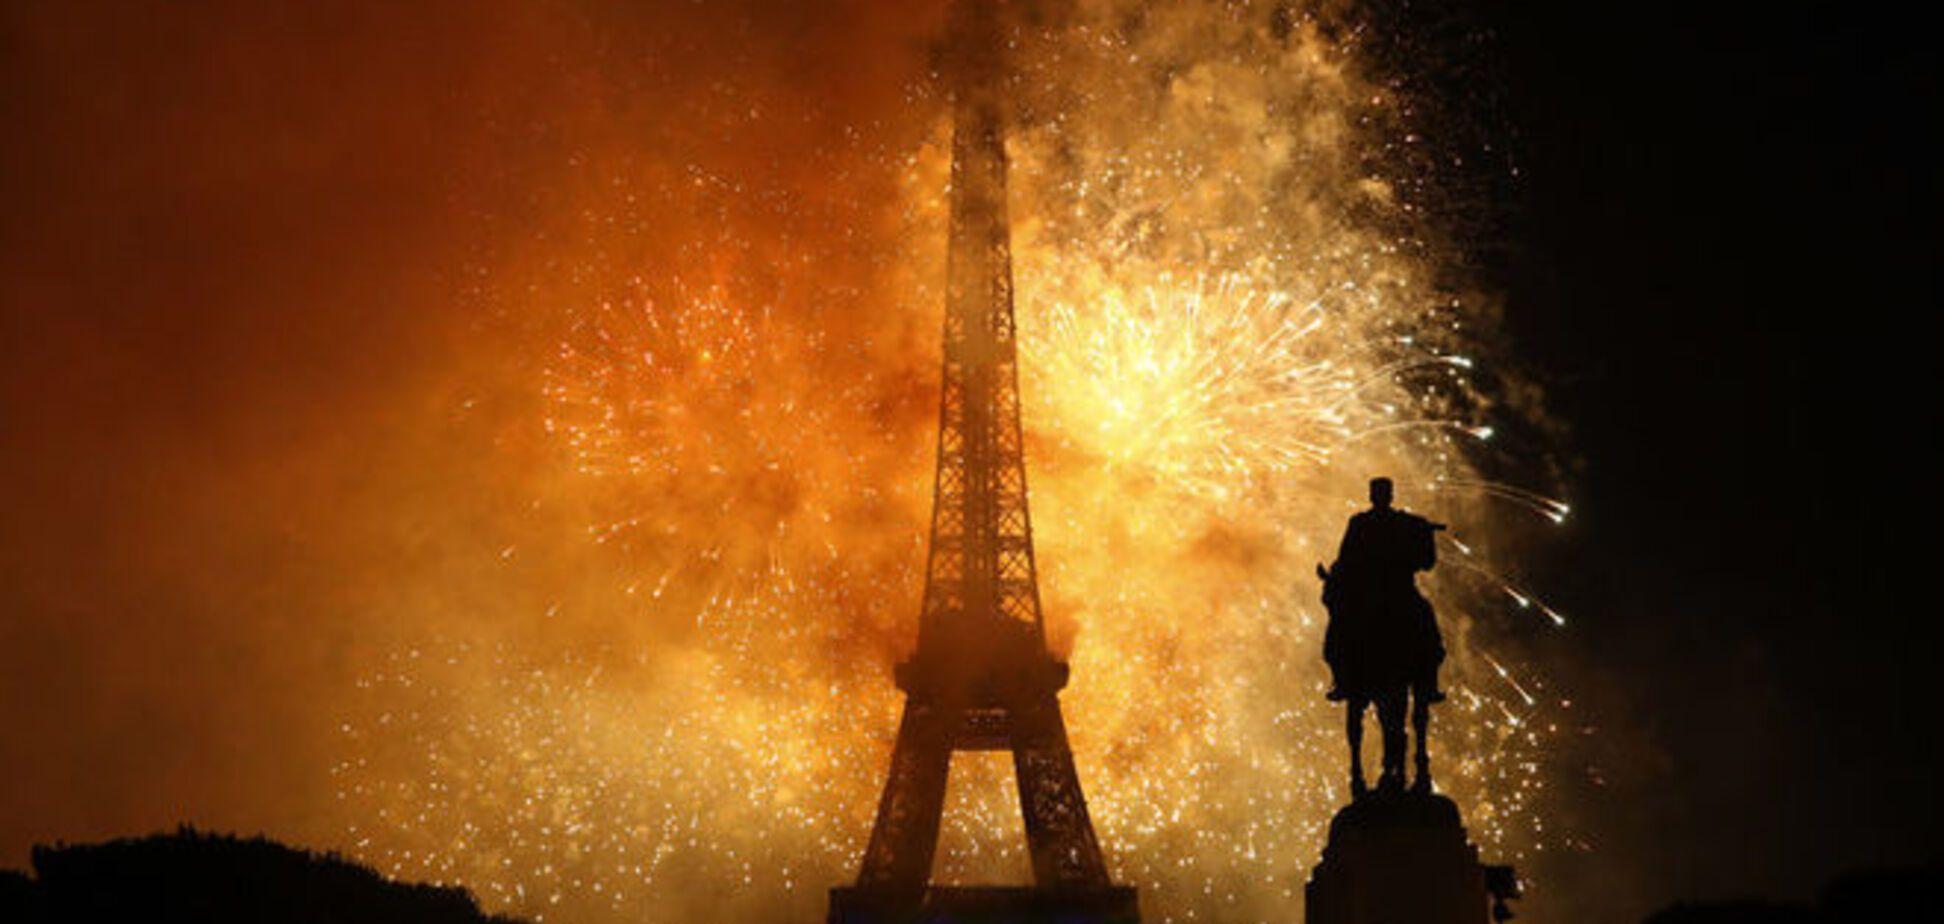 Праздник по-французски: в День взятия Бастилии жгли все - от машин до школ